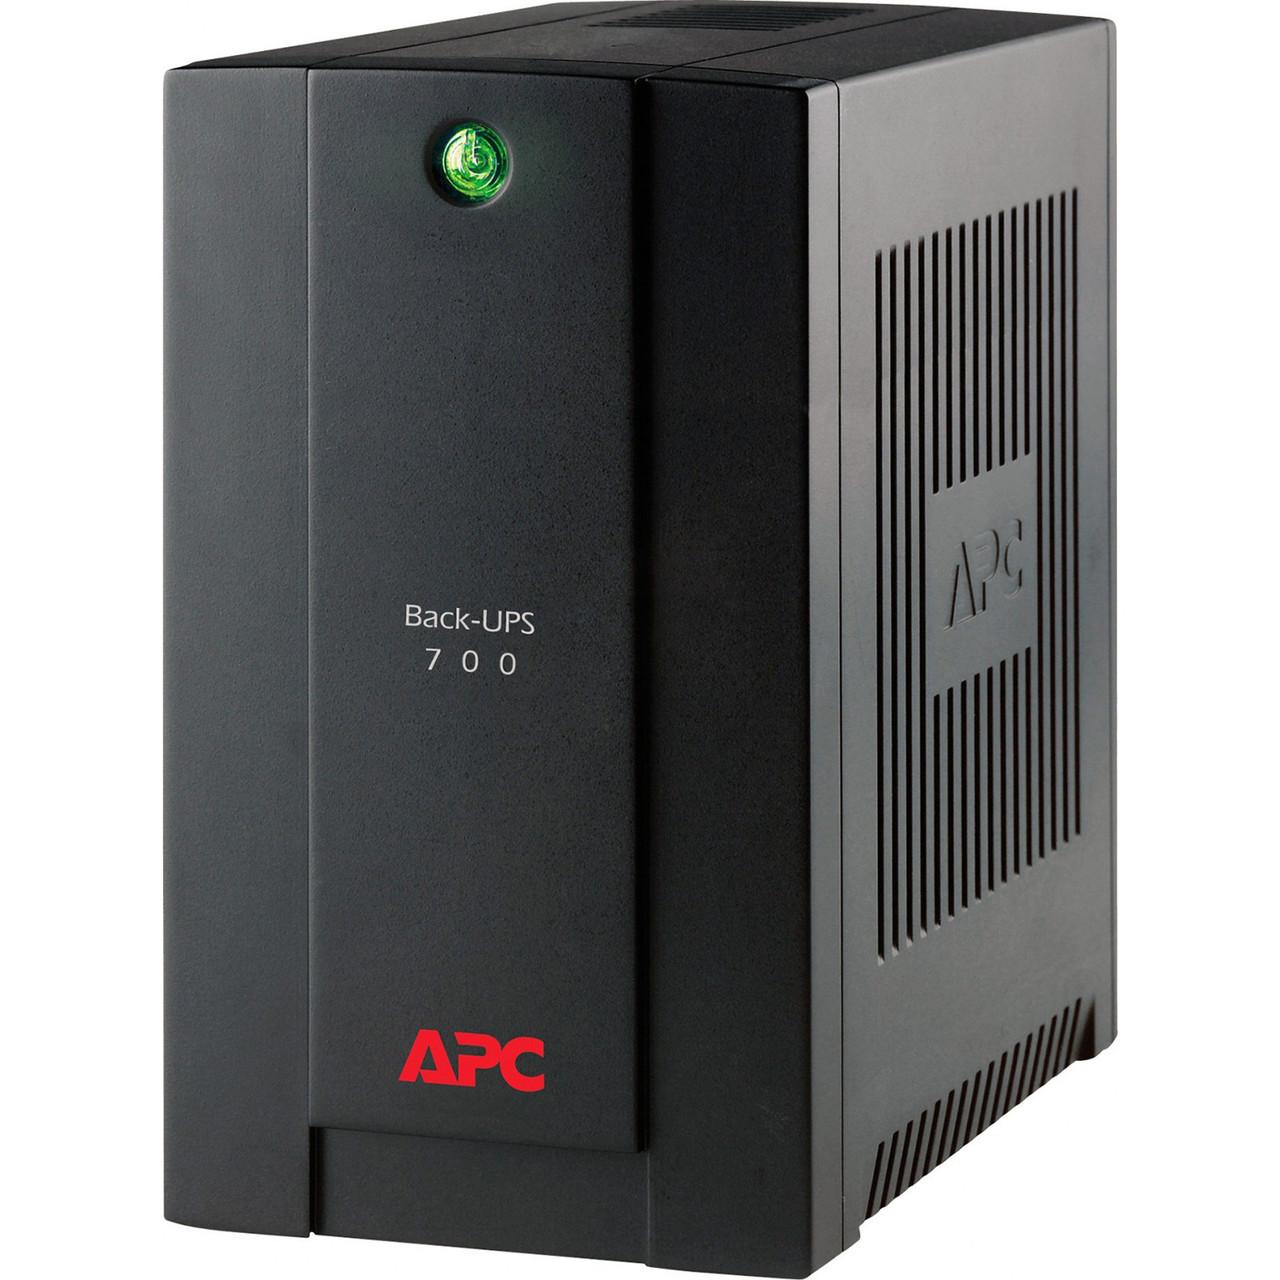 ИБП APC Back-UPS 700VA IEC